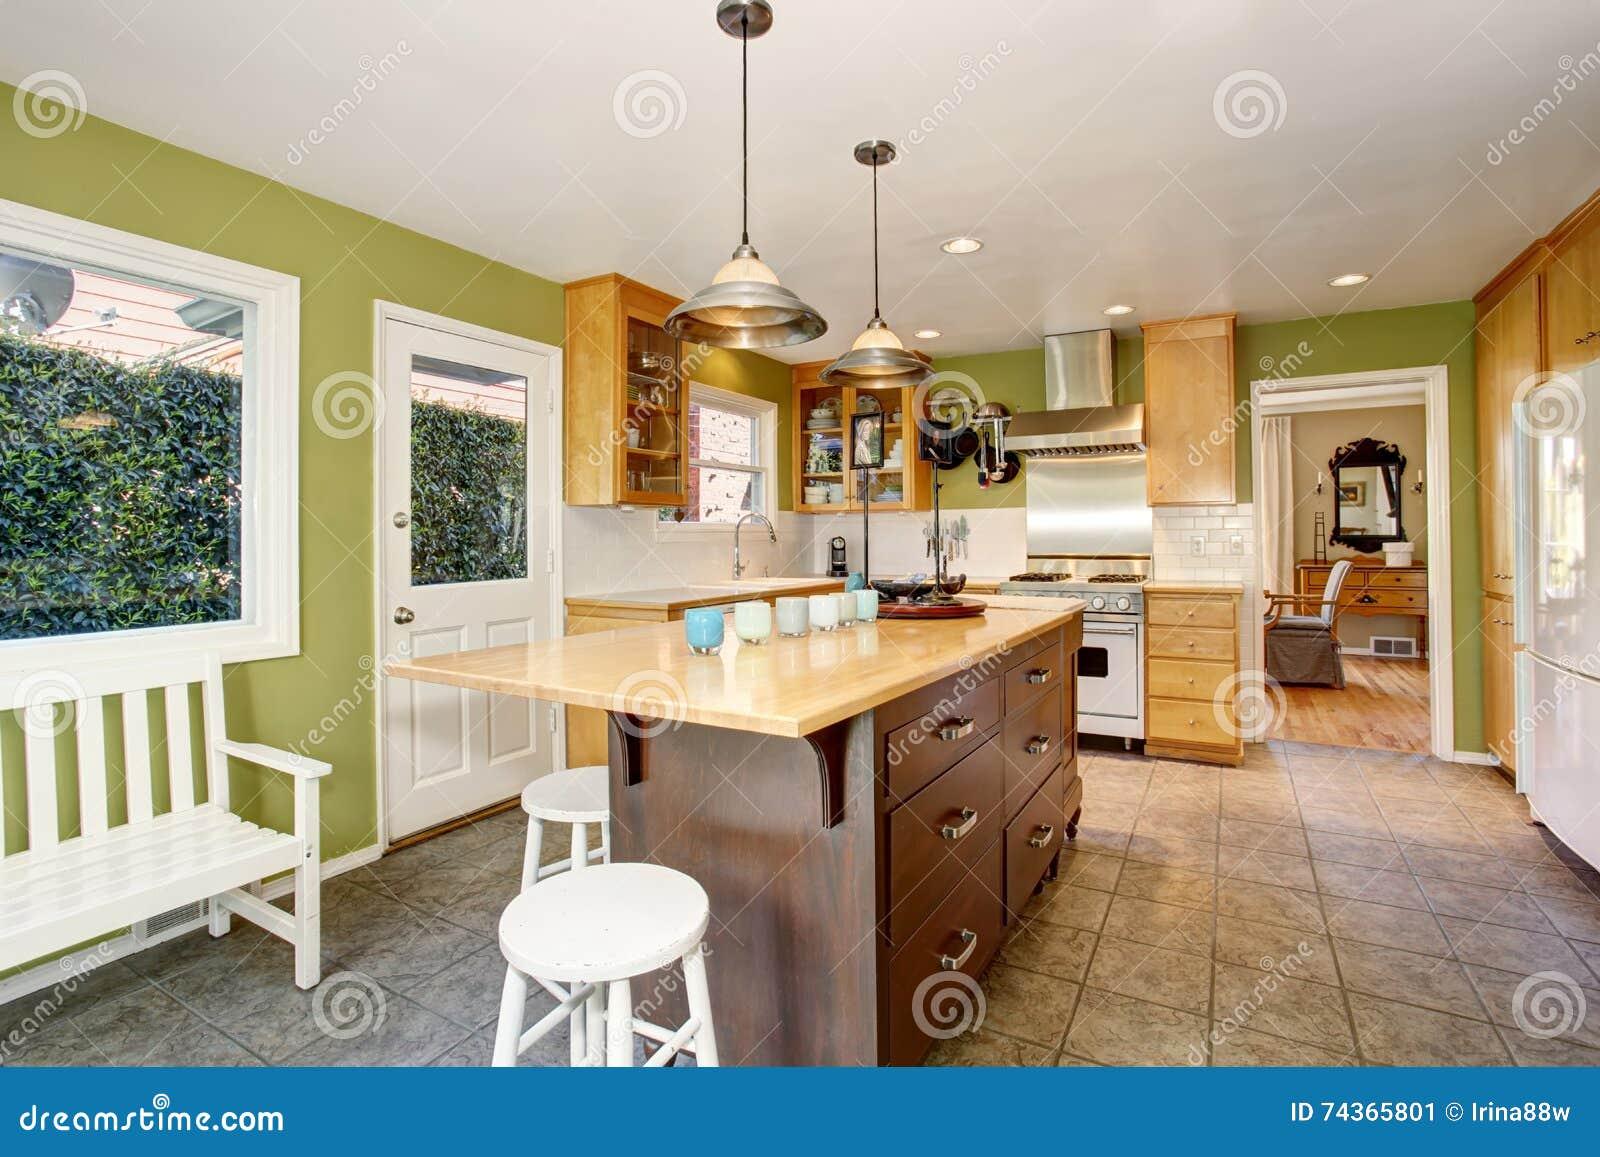 Pareti Della Cucina Verdi : Piccolo interno della stanza della cucina con le pareti e la